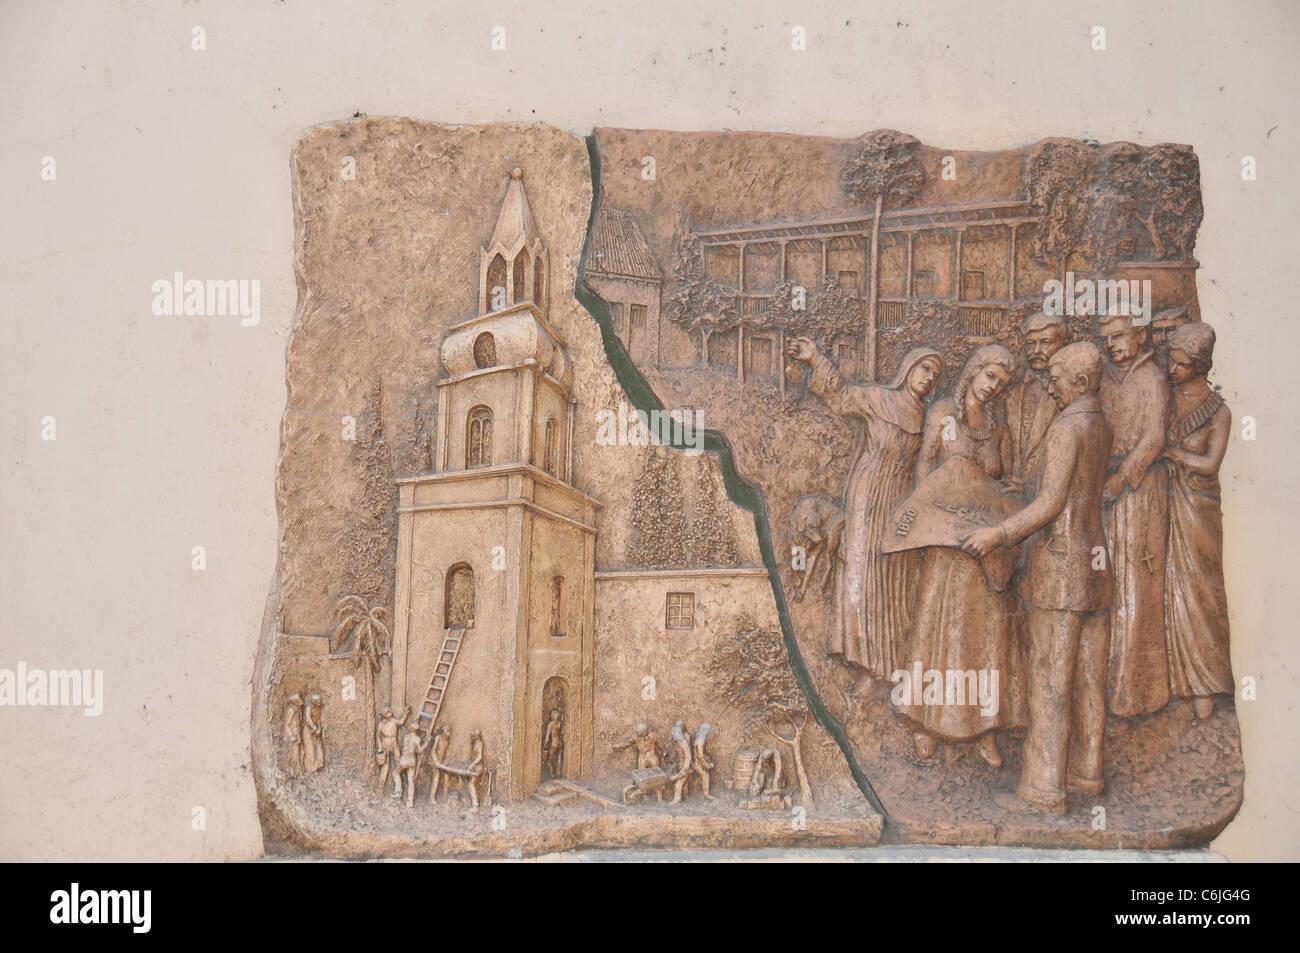 Grigio-marrone affresco murale che illustra chiesa riparazione dopo il  terremoto del 1861, la Chiesa della Vergine di Carrodilla, Mendoza,  Argentina Foto stock - Alamy